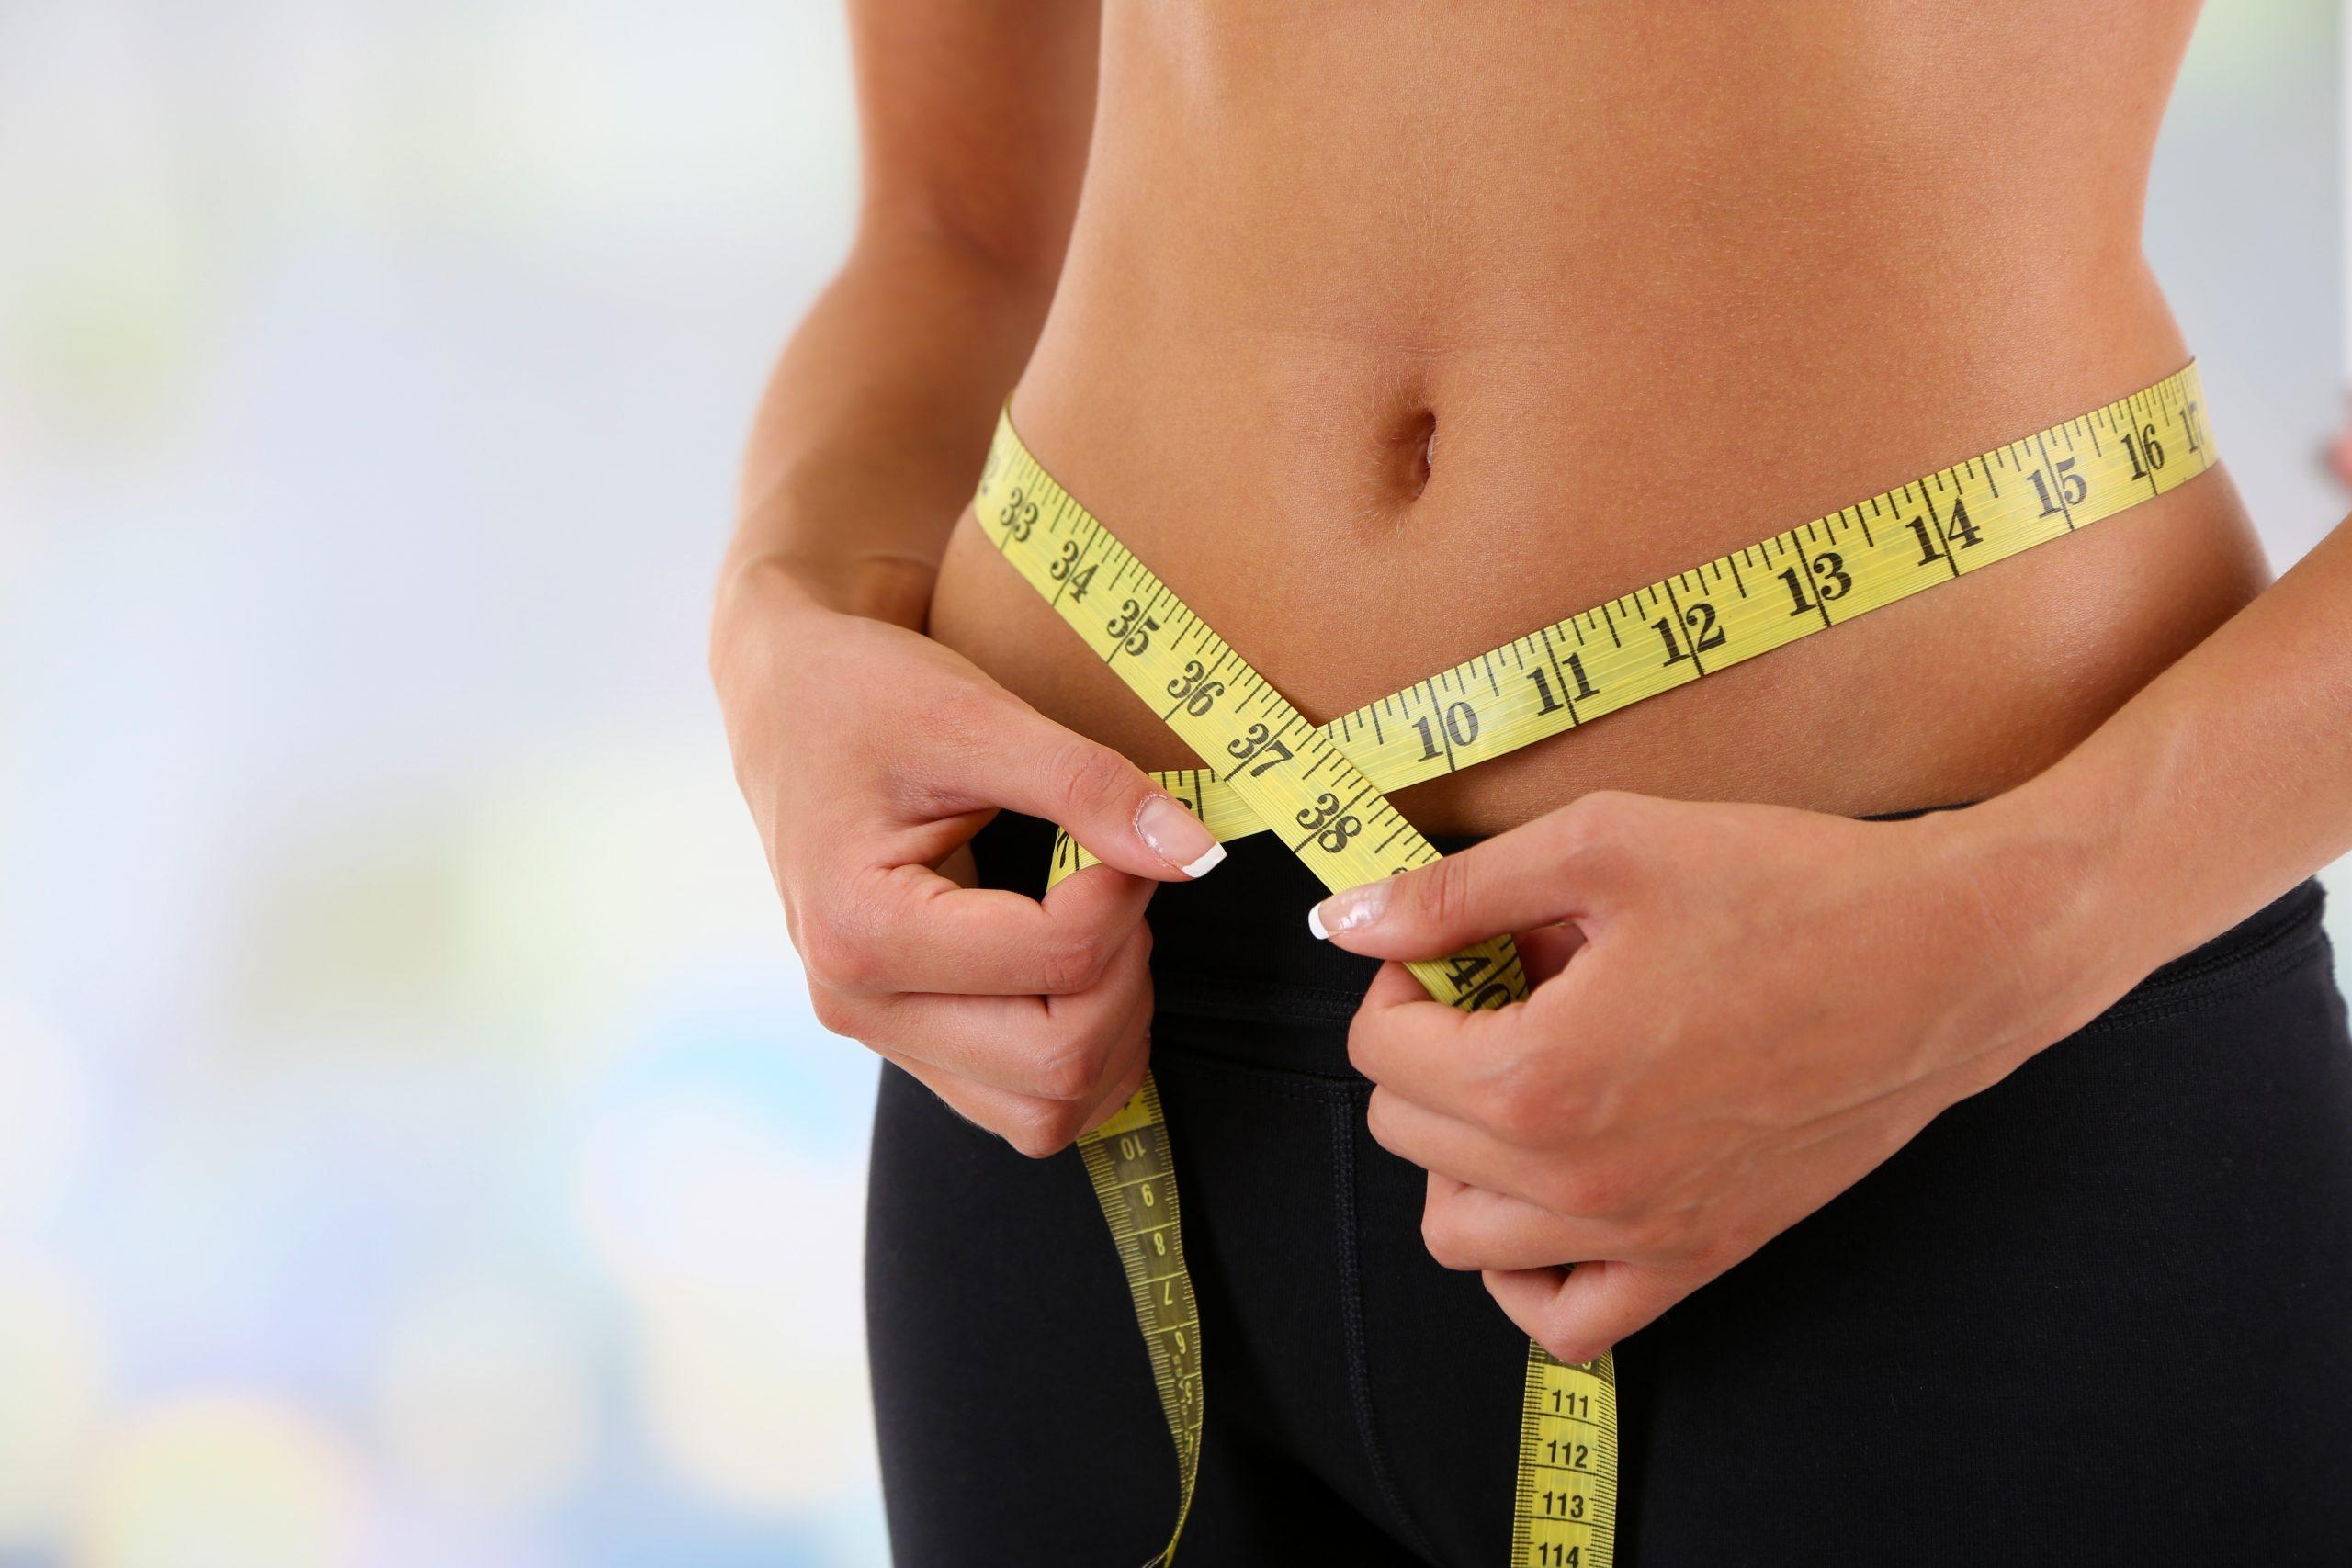 Wie man in 1 Monat Gewicht verliert, ohne zu springen